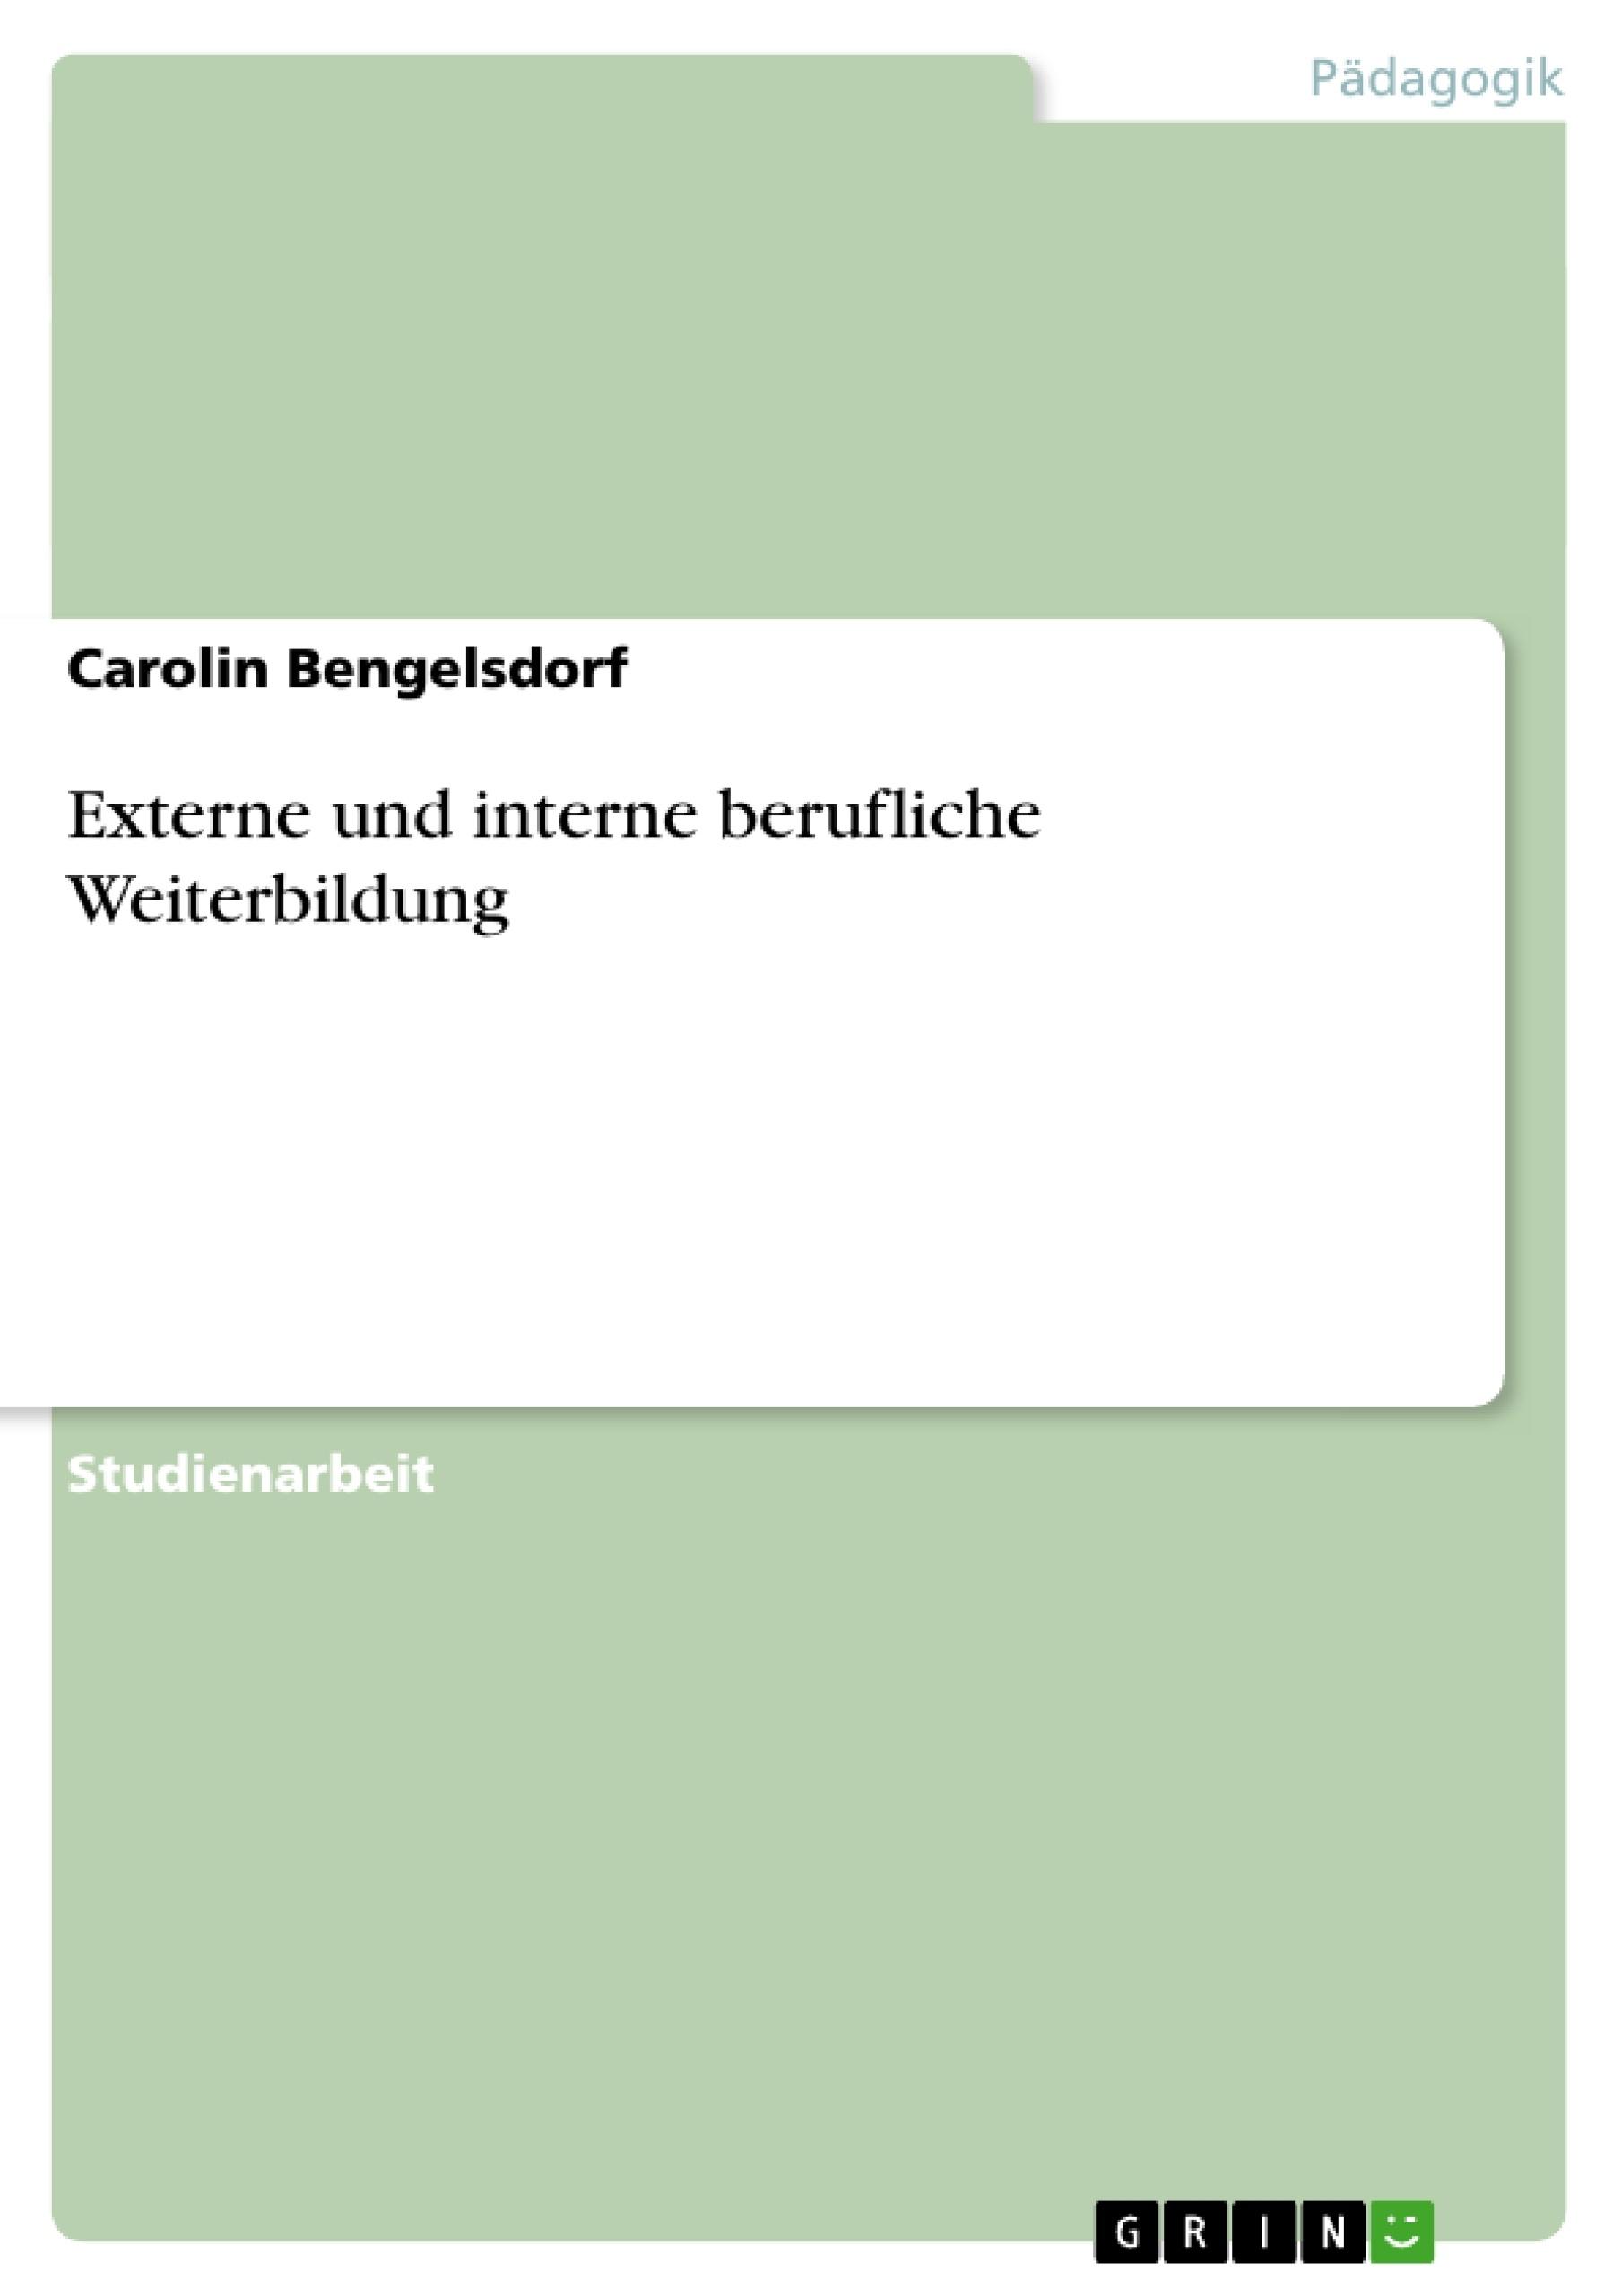 Titel: Externe und interne berufliche Weiterbildung